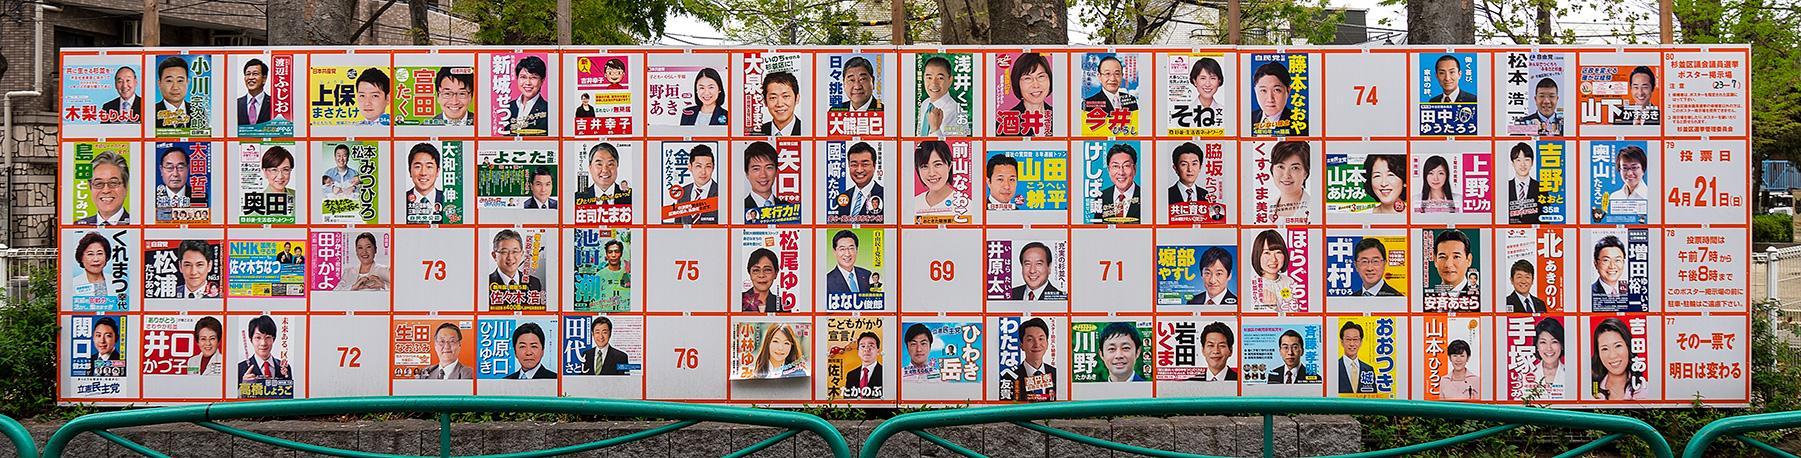 Wahlplakate bei den Einheitlichen Regionalwahlen in Tokio, Japan, 2019